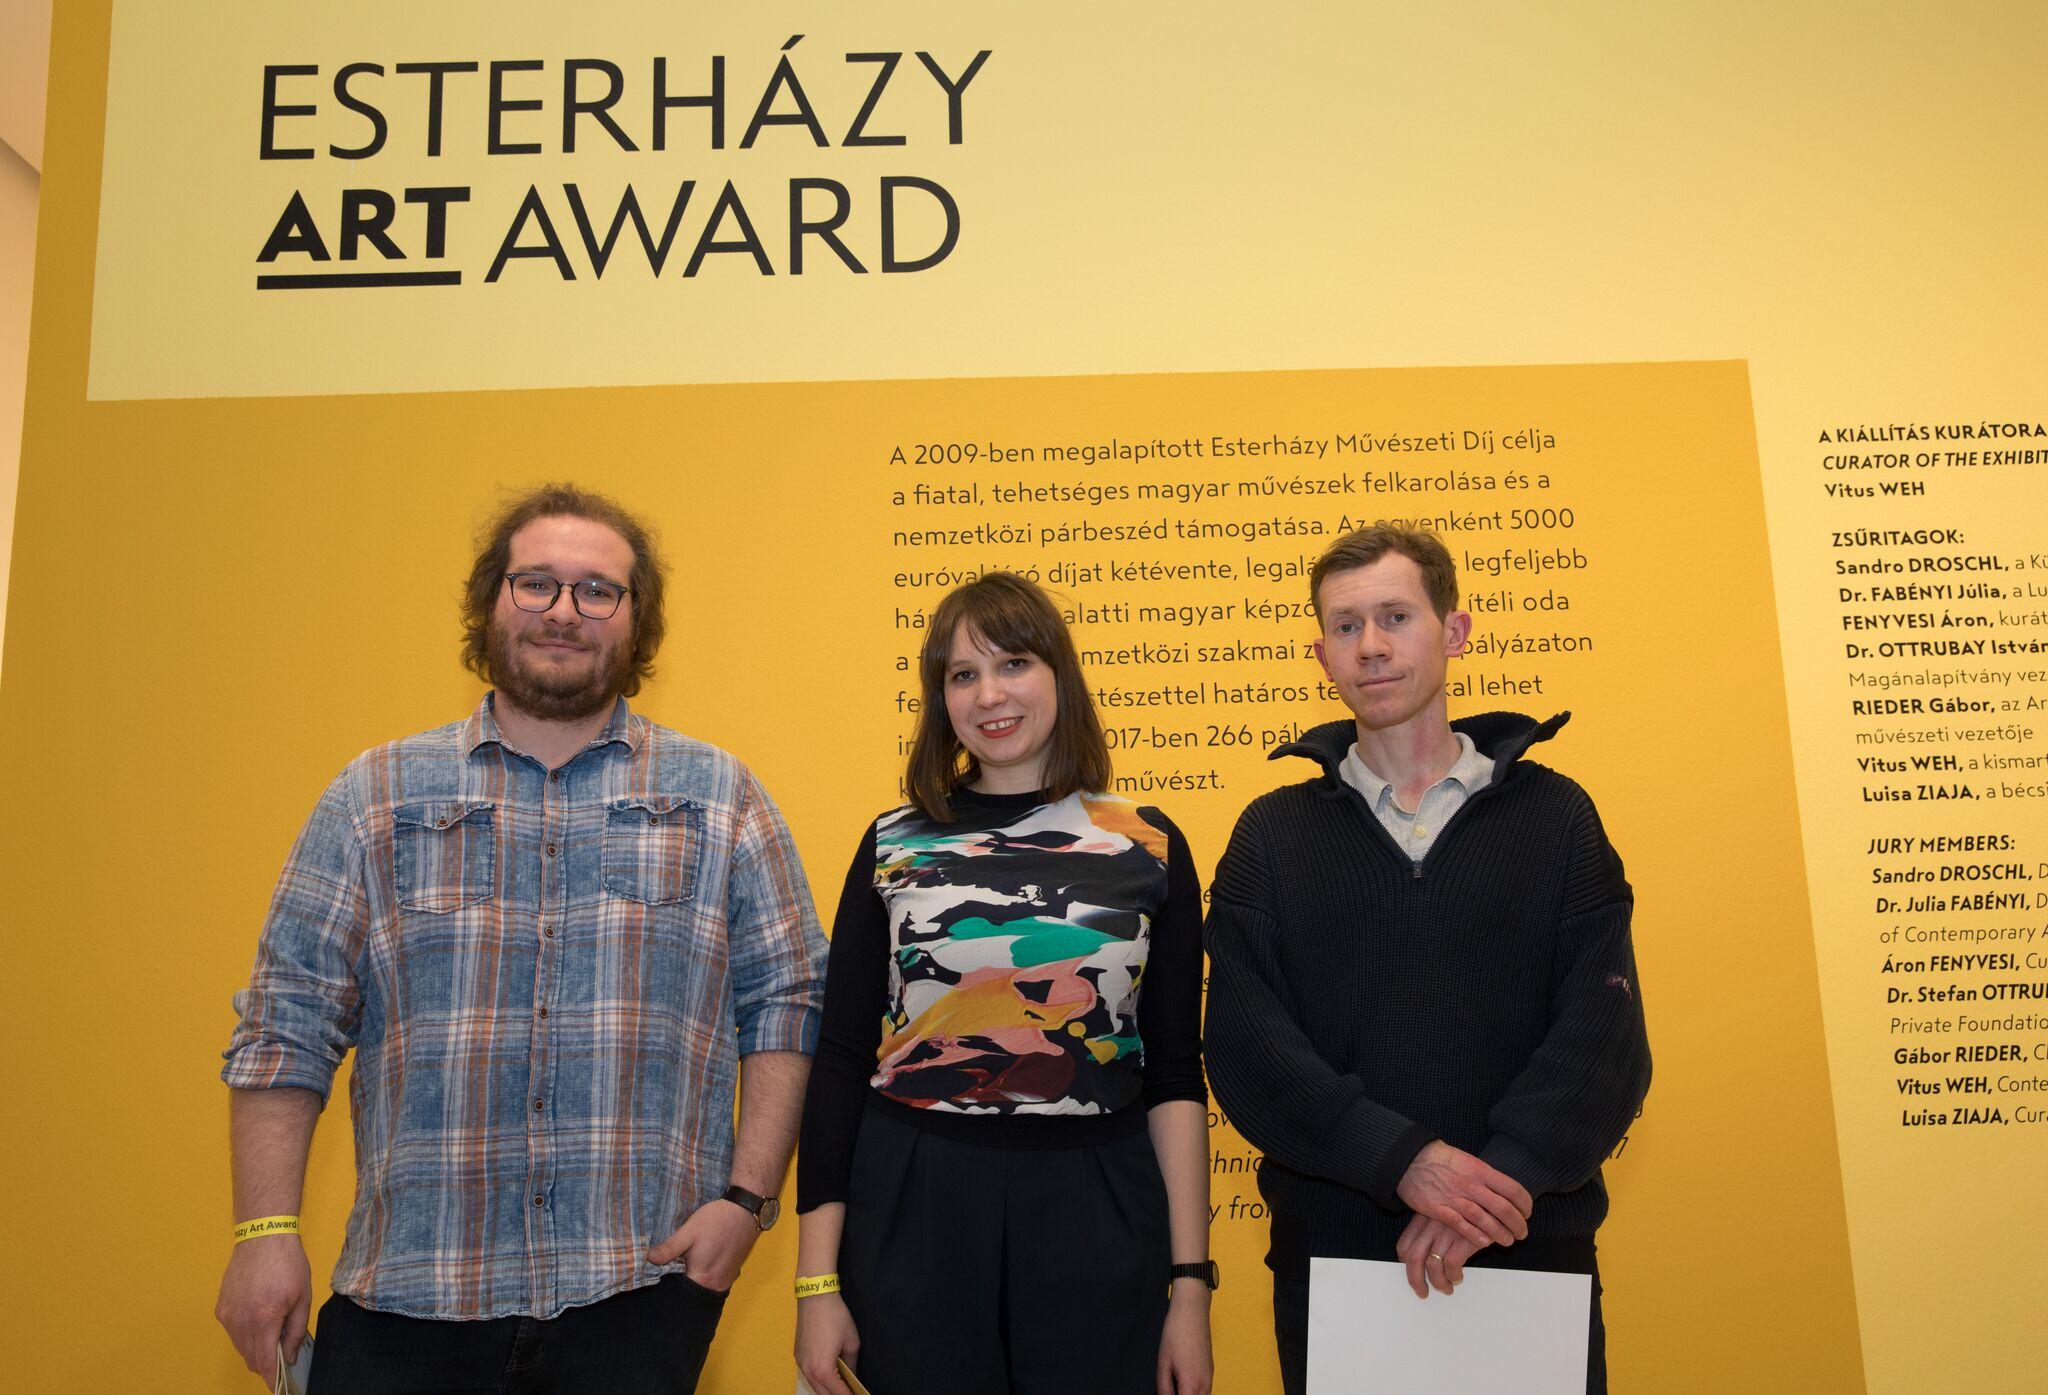 Esterházy Art Award 2017